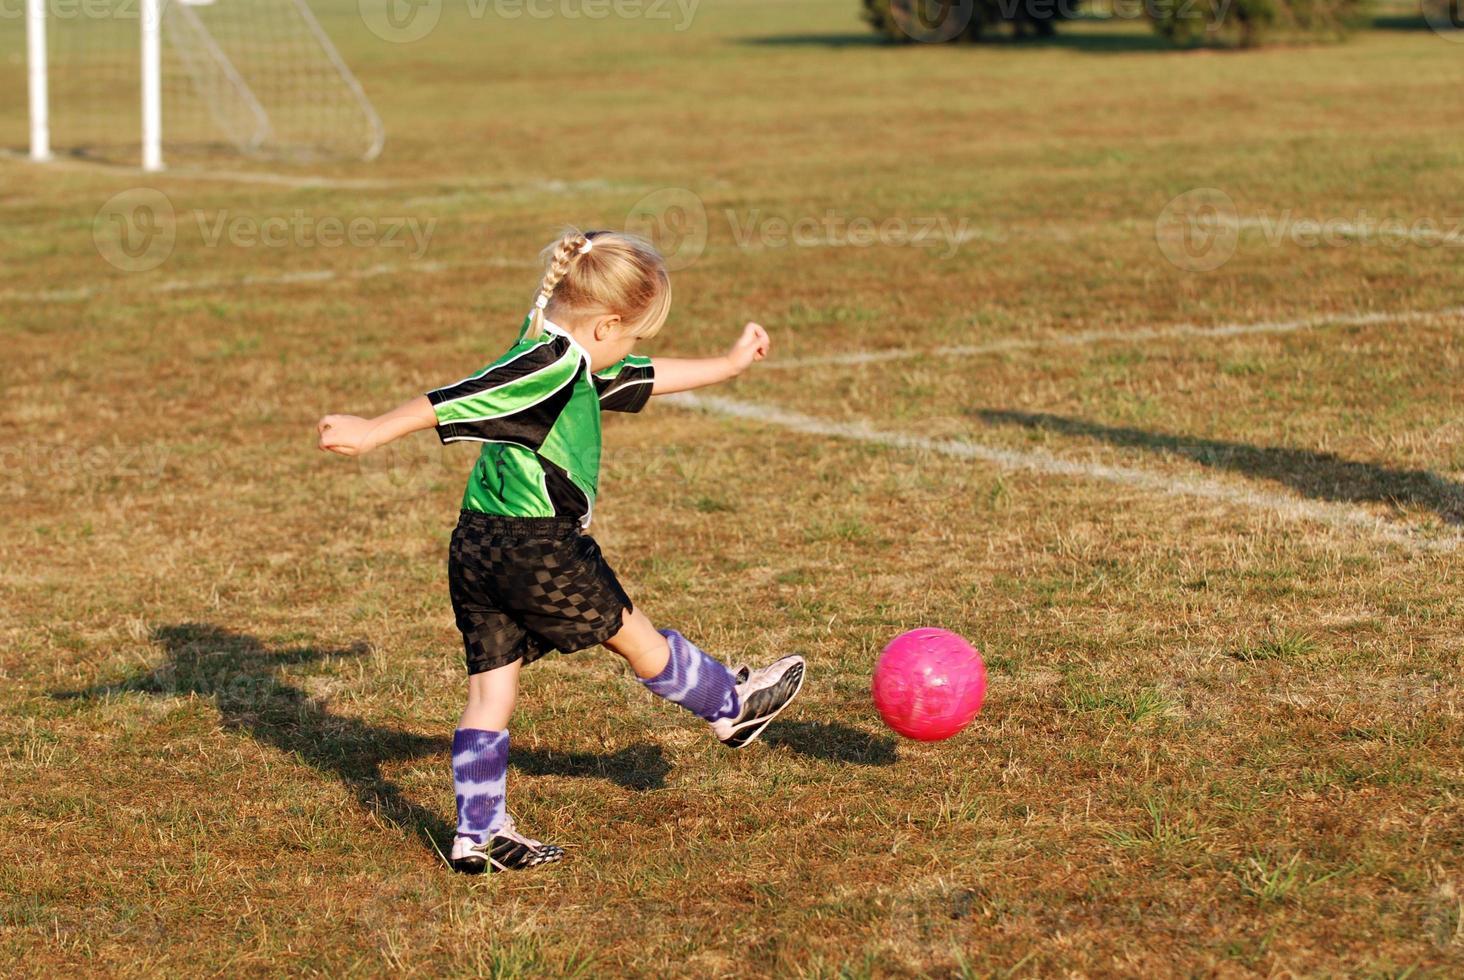 pateando el balón de fútbol foto